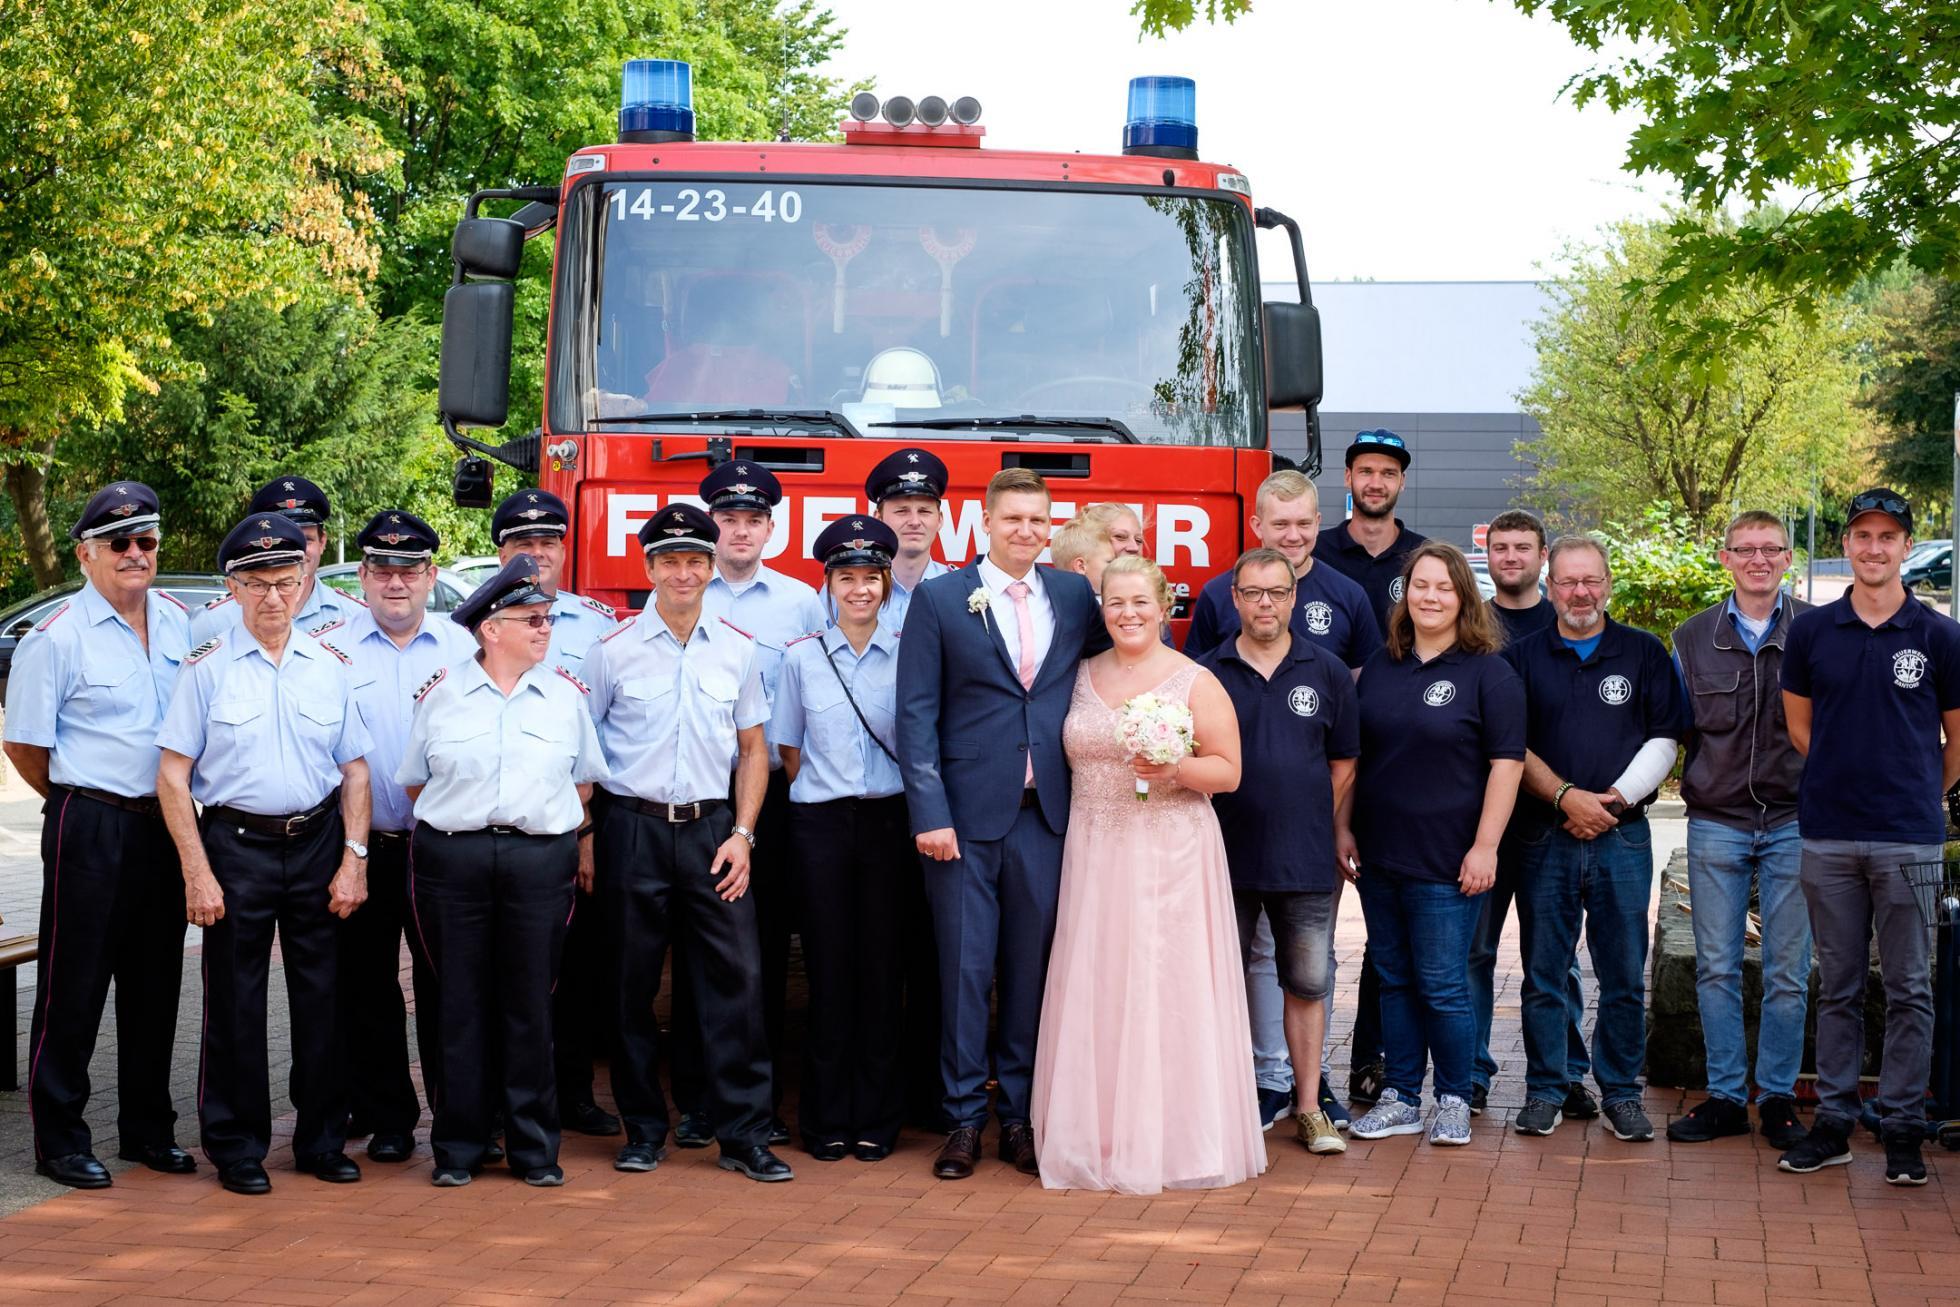 Wieder Eine Feuerwehr Hochzeit Ortsfeuerwehr Hohenbostel